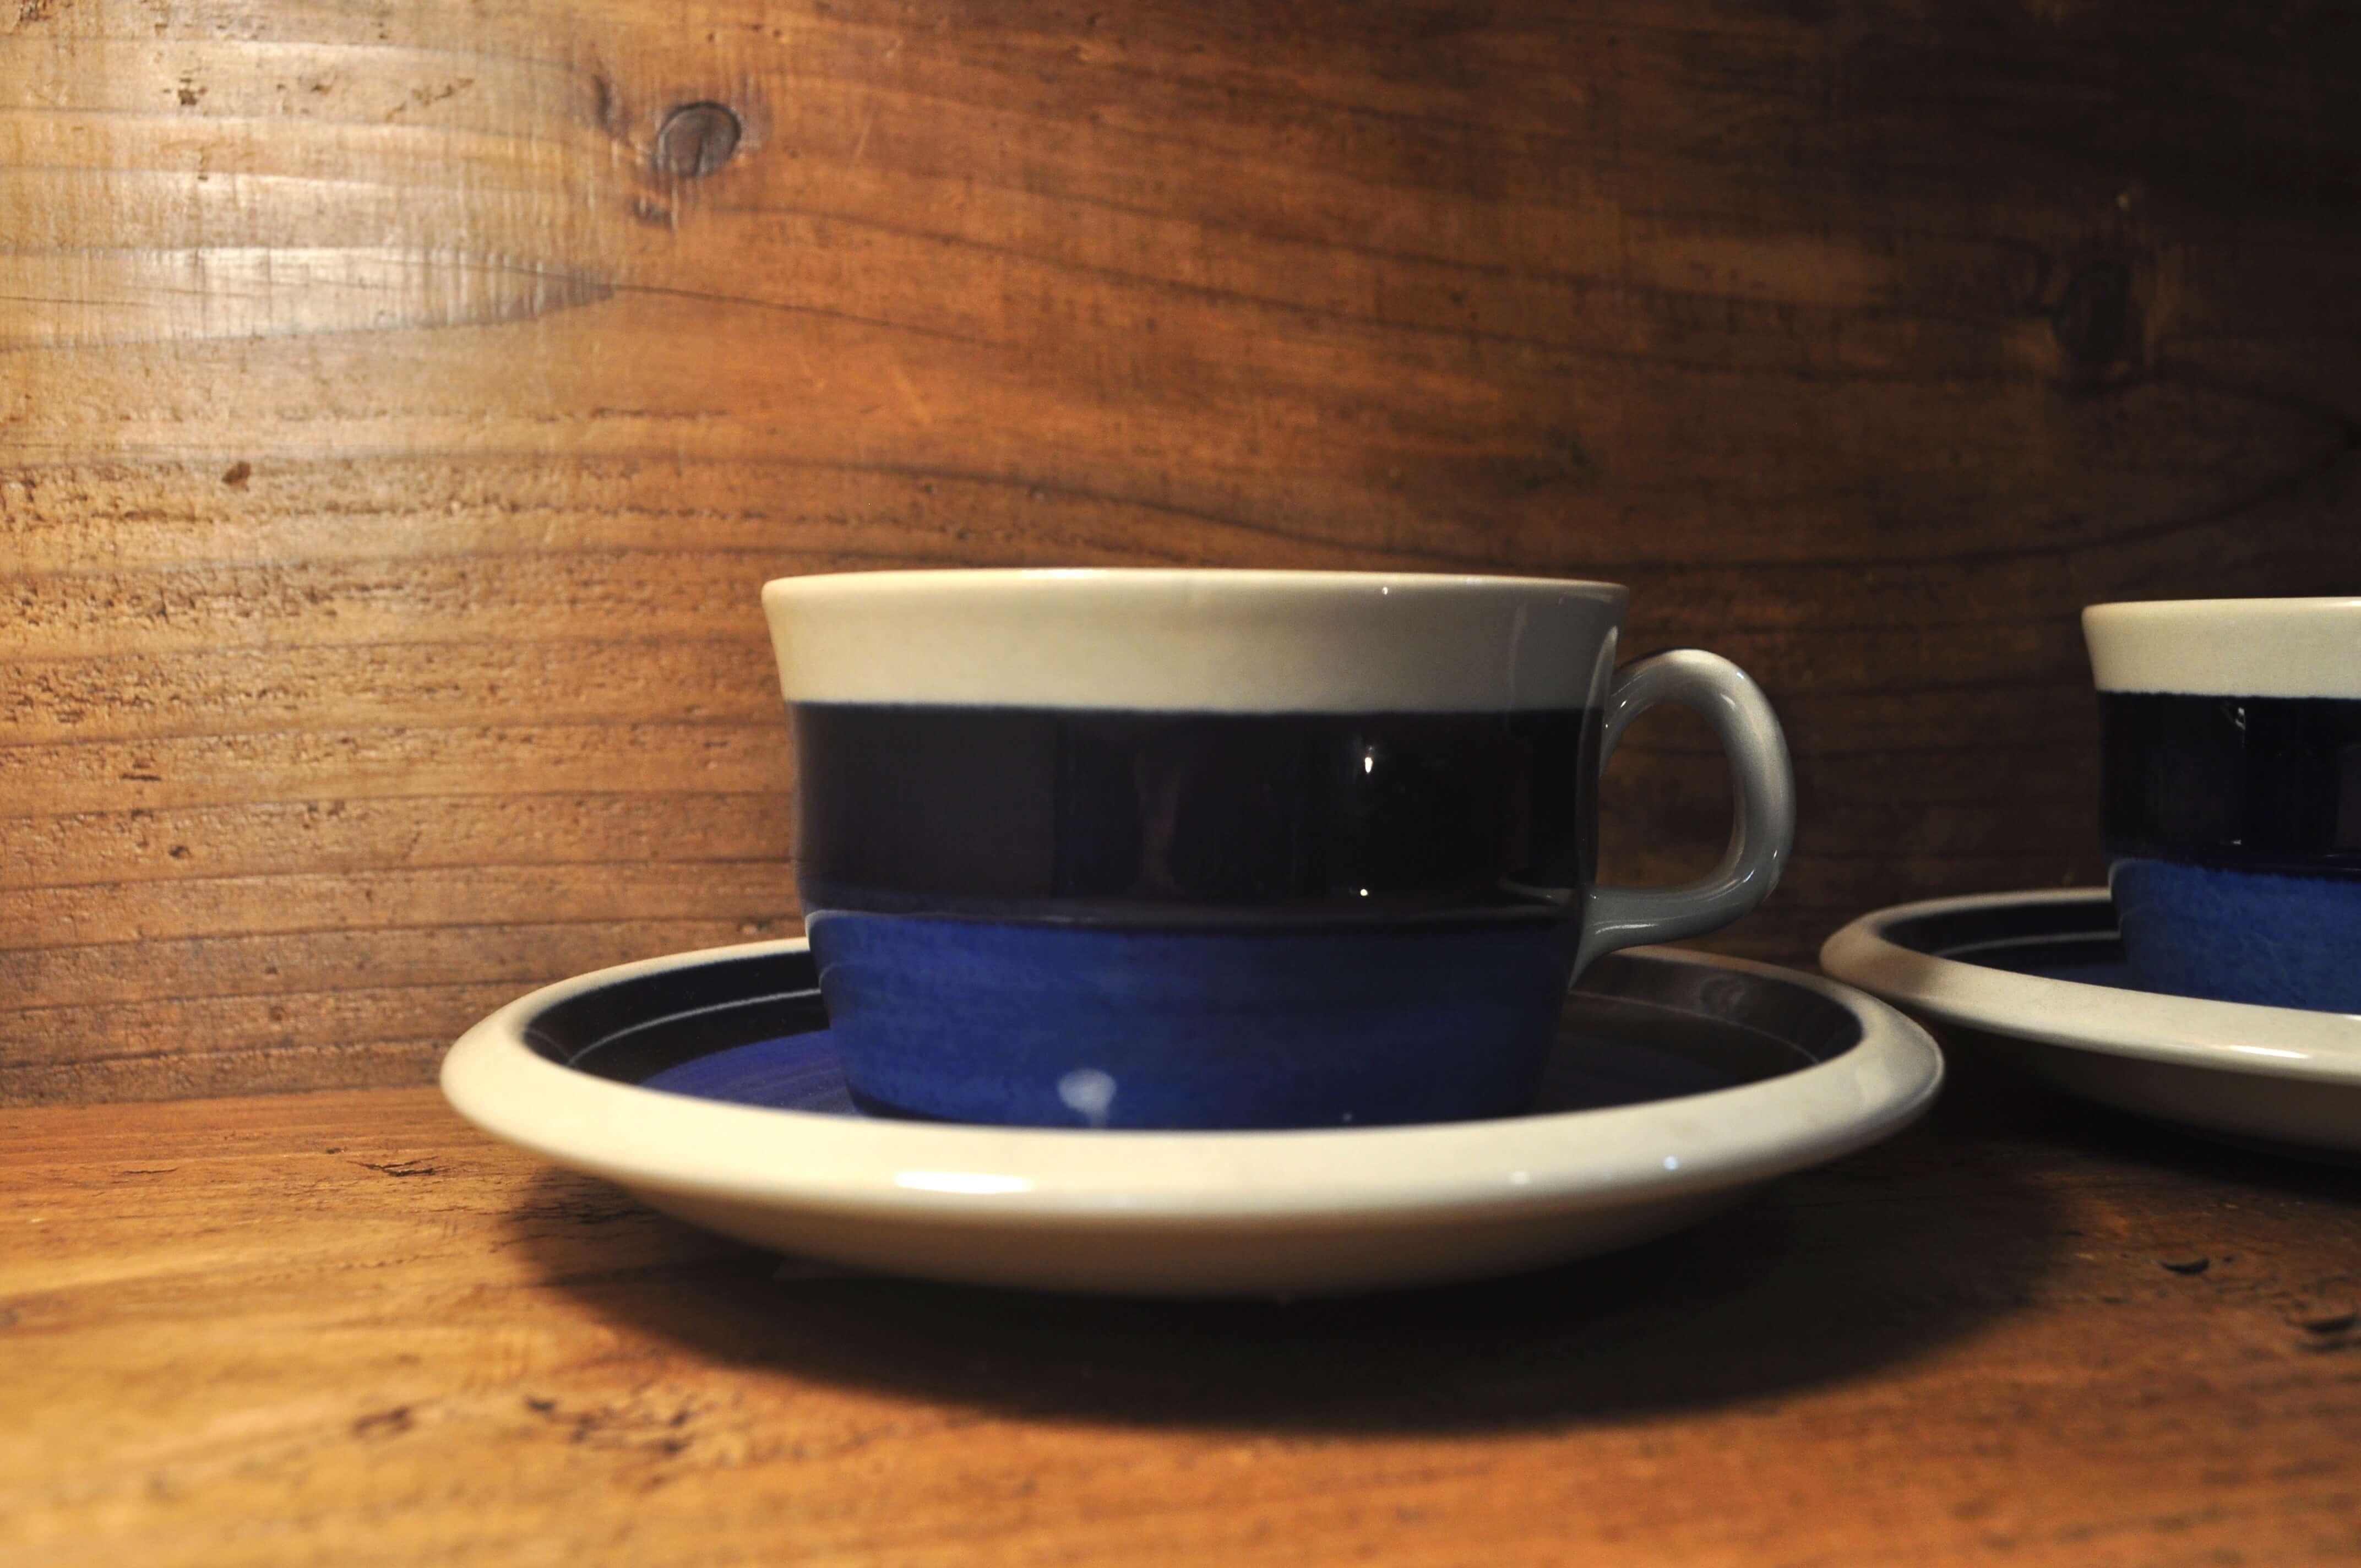 北欧スウェーデンのブランド「ロールストランド」、ミラマーレシリーズのコーヒーカップ&ソーサーです。デザイナーはマリアンヌ・ウエストマンで、同じフォルムのAnnika/アニカやElisabeth/エリザベスに比べて生産数が少なく、希少なシリーズです。「Mira Mare」とは、イタリア北東部、スロベニア国境に近い町・トリエステに建てられた、19世紀の城の名前。グレーがかった素地で城を、2色のブルーでアドリア海を表現していて、湾岸に建てられて海に浮かぶように見える城を抽象化したデザイン。 濃いブルーは深みが、薄いブルーは鮮やかさがあって、明るく開放的なイタリアの海に北欧の人々があこがれる気持ちを表現したかのようです。